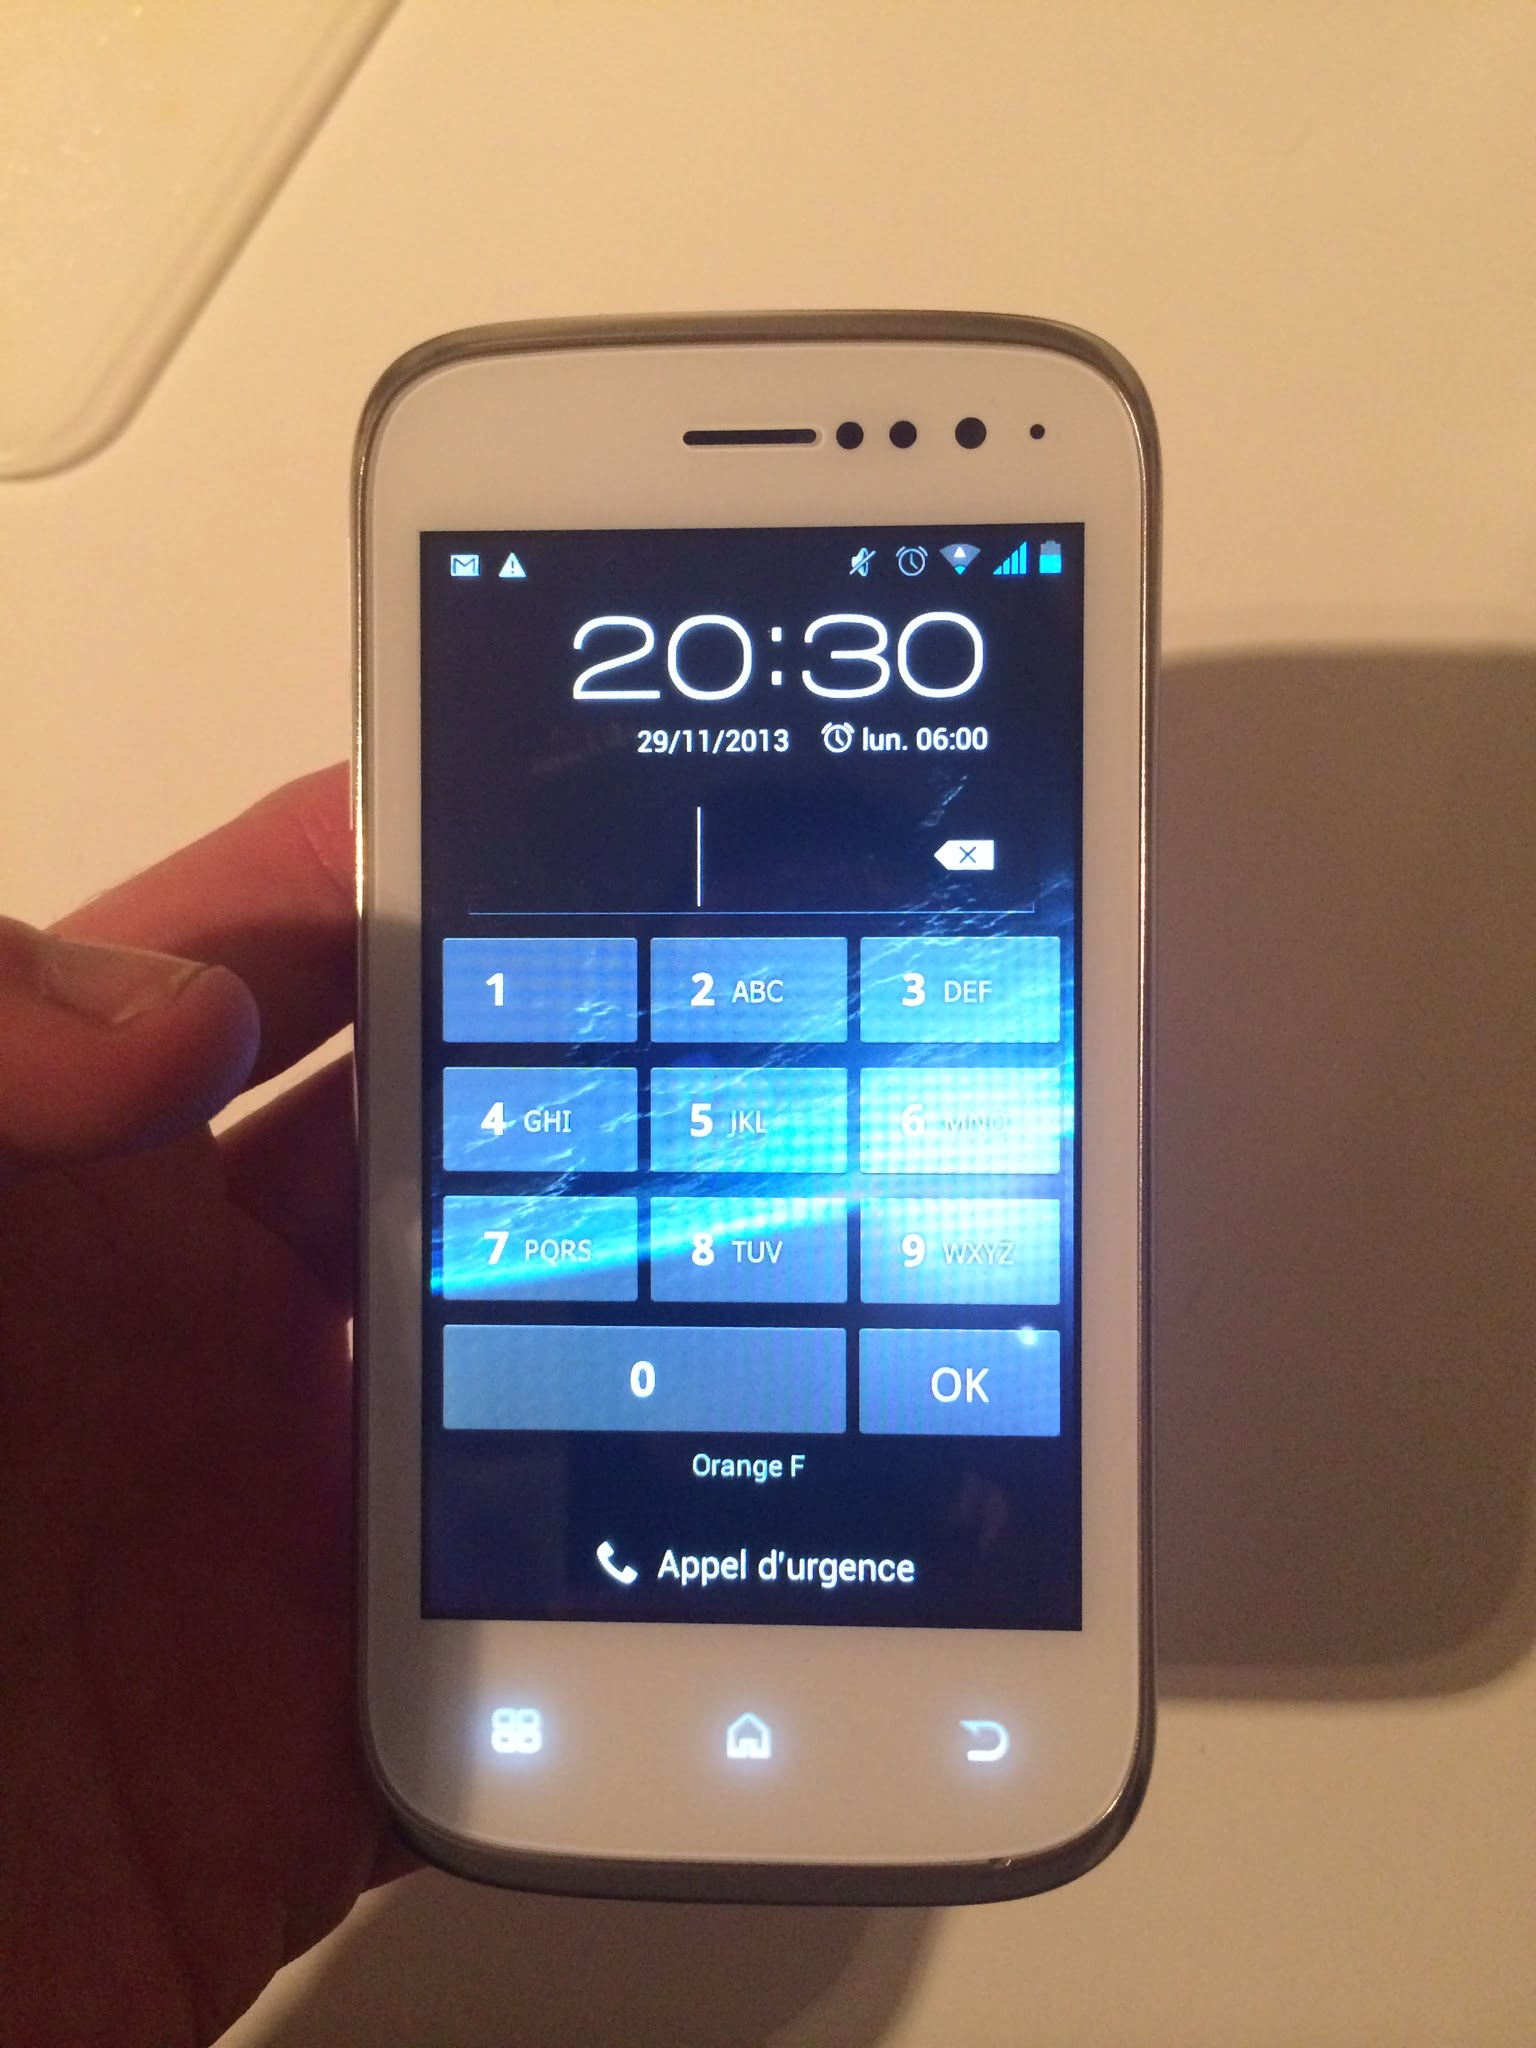 01e010353e5bf3545929f011037d2fb2463fe86194 Test : le Wiko Cink Slim un smartphone pas trop mal et pas trop cher